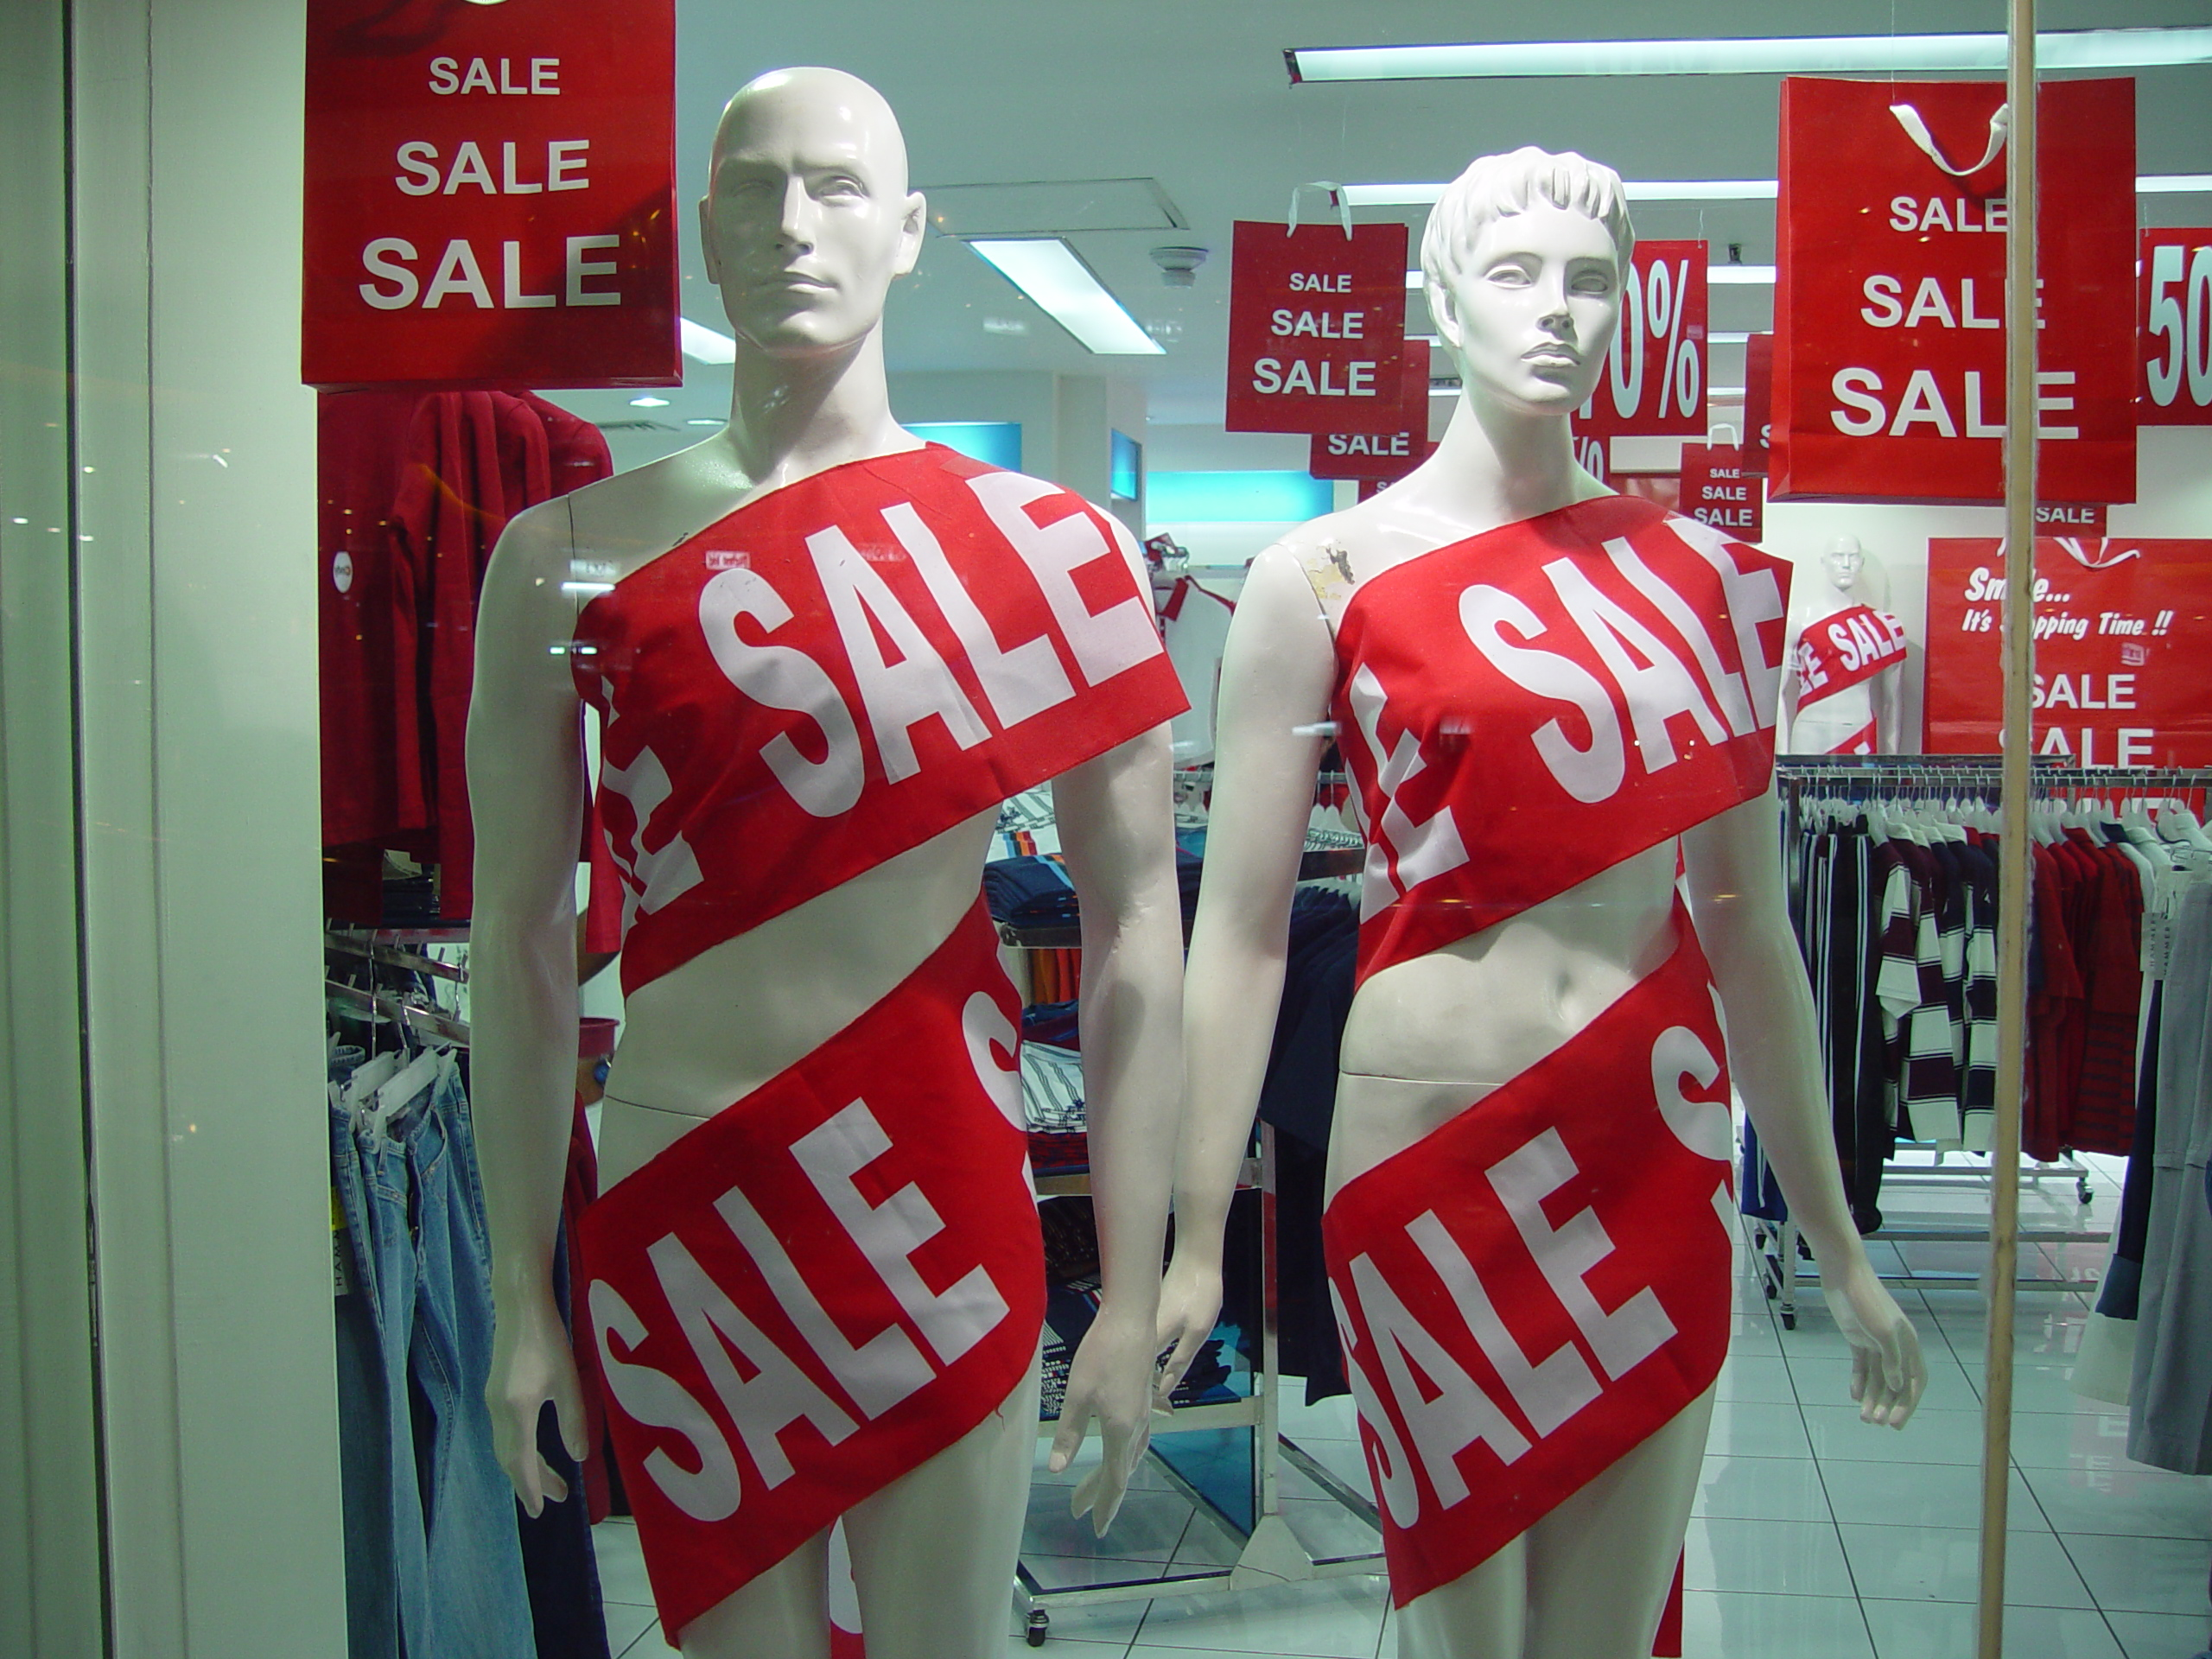 Mall_culture_jakarta36